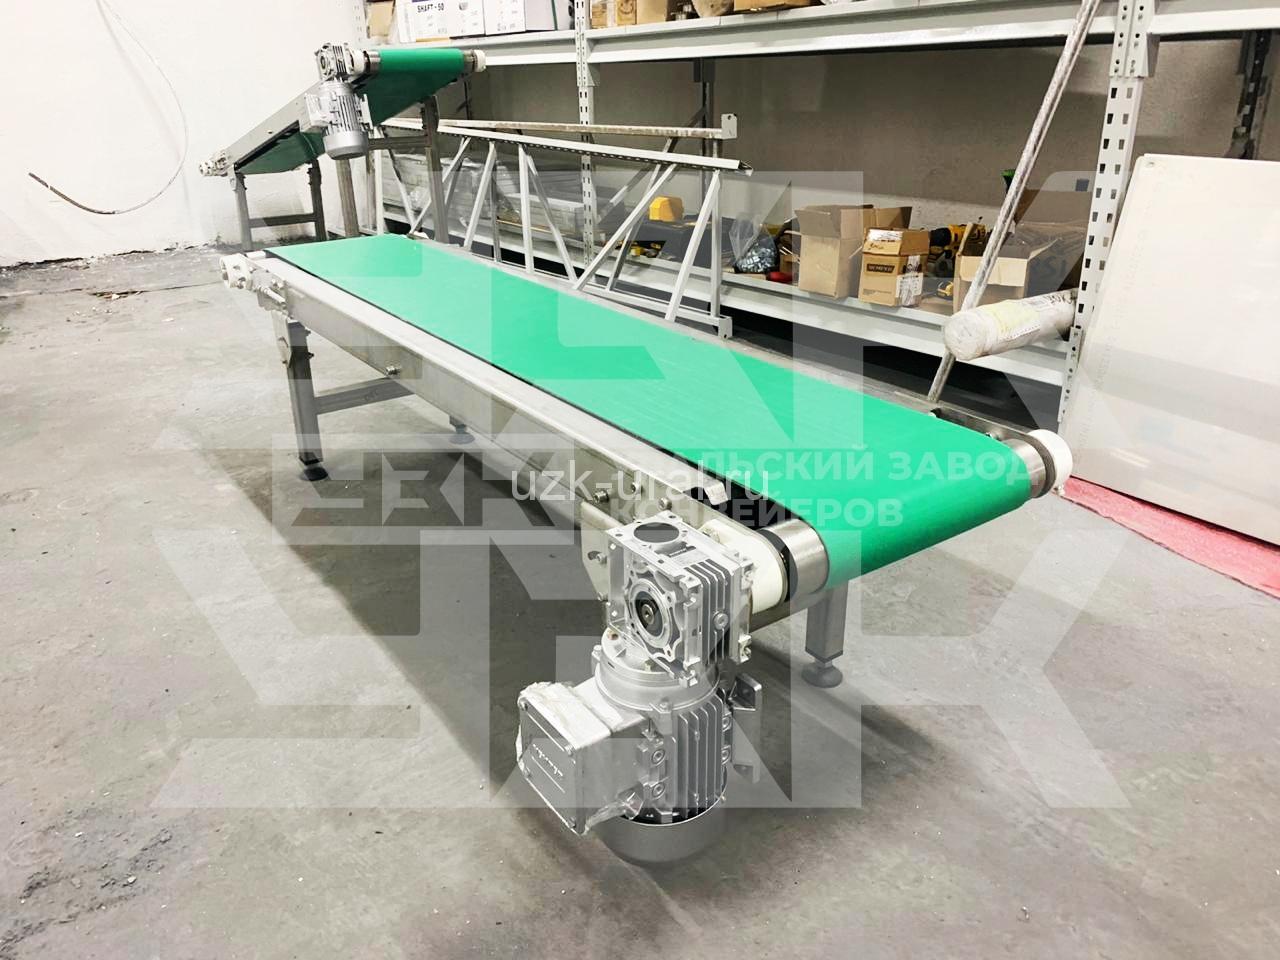 производство конвейерного оборудования екатеринбург